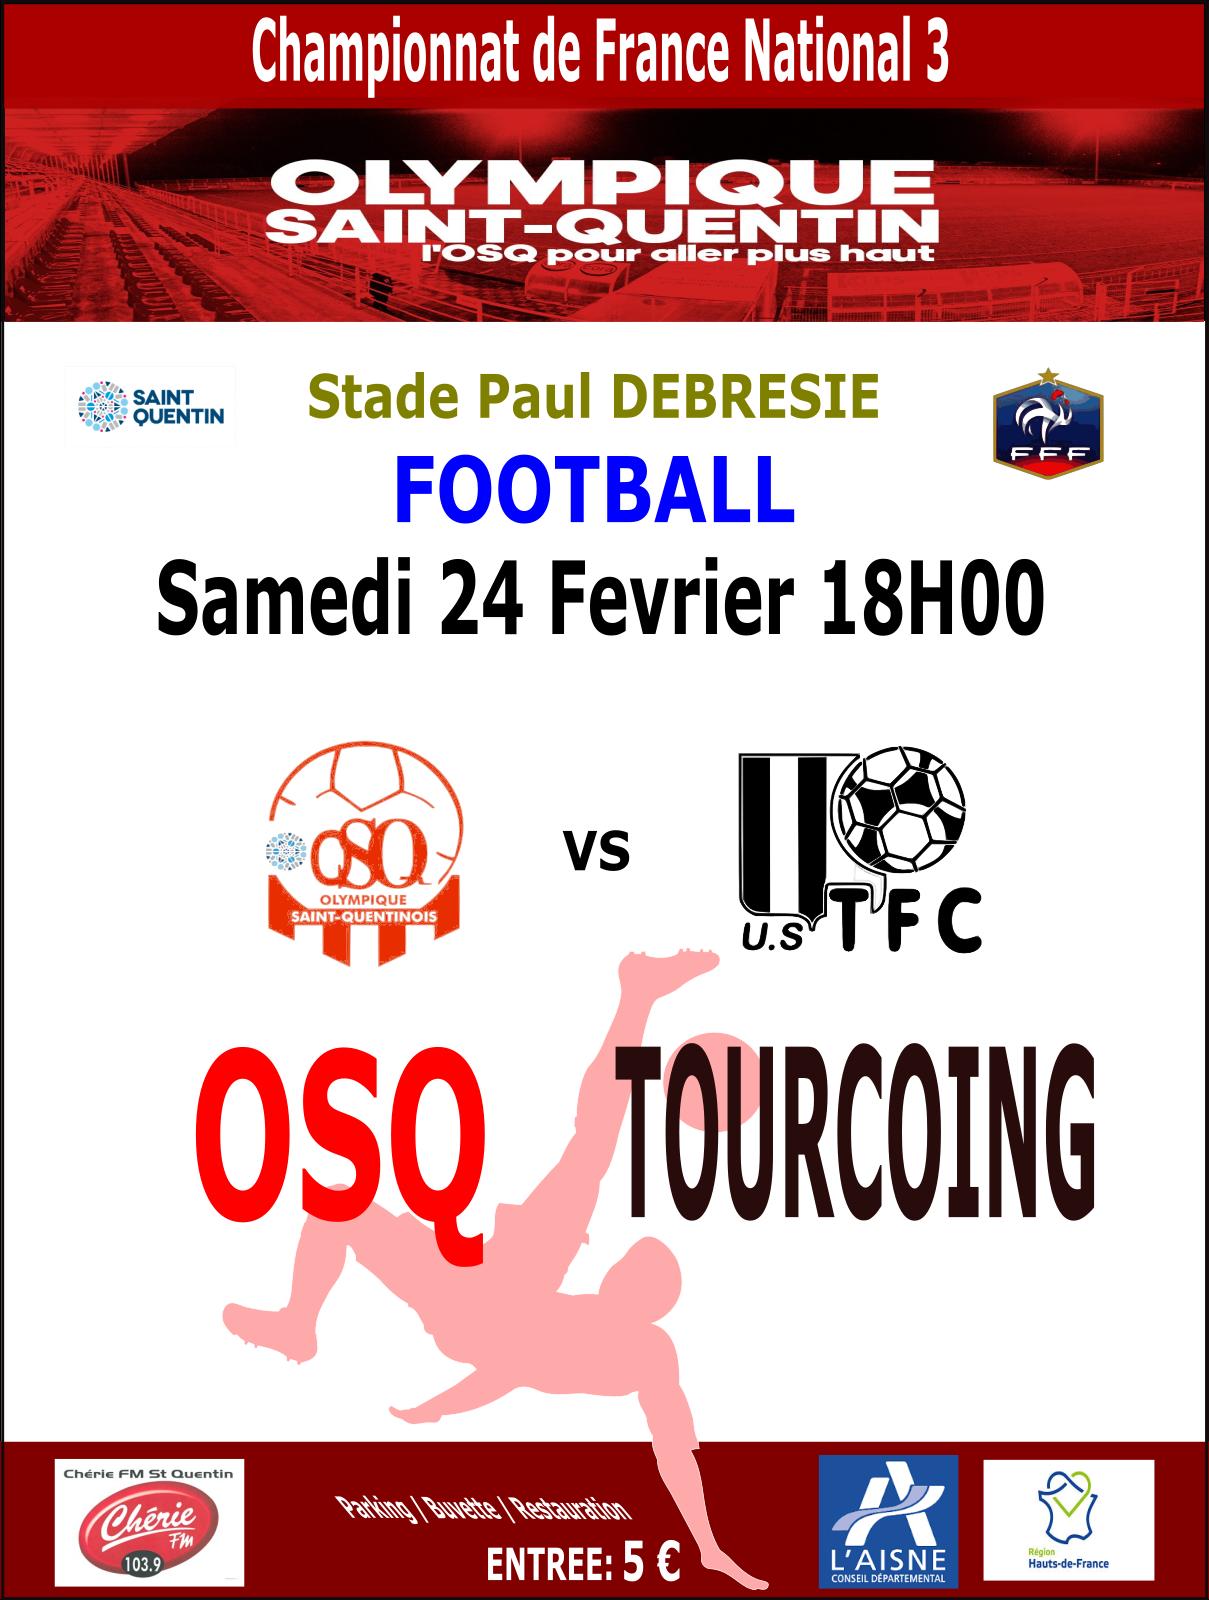 OSQ TOURCOING DU 24 02 18.png